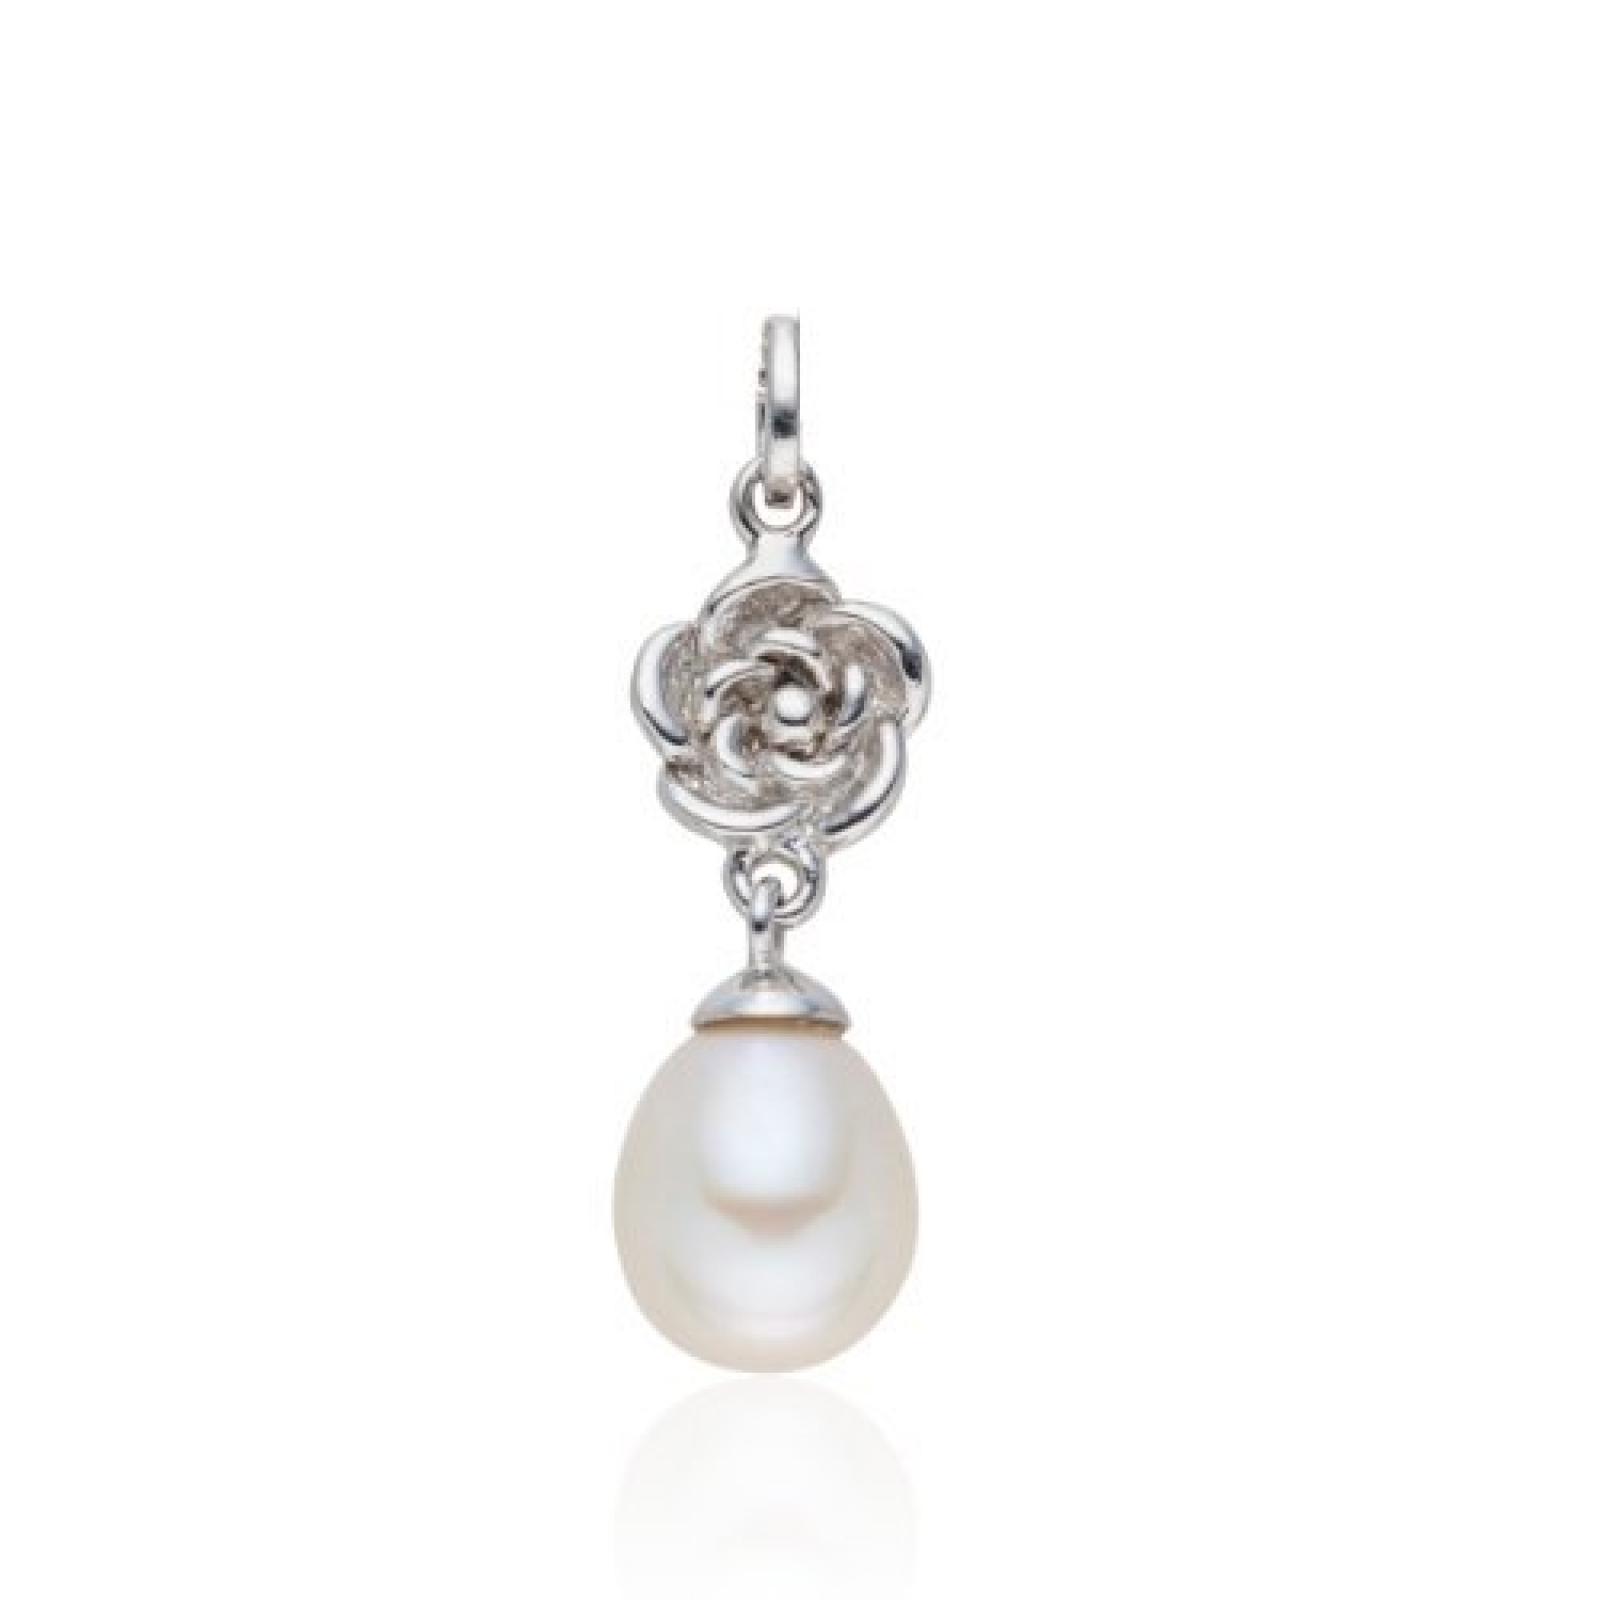 Valero Pearls Silver Collection Damen-Anhänger (ohne Kette) Hochwertige Süßwasser-Zuchtperlen in ca.  8-9 mmTropfenform weiß 925 Sterling Silber       60840034